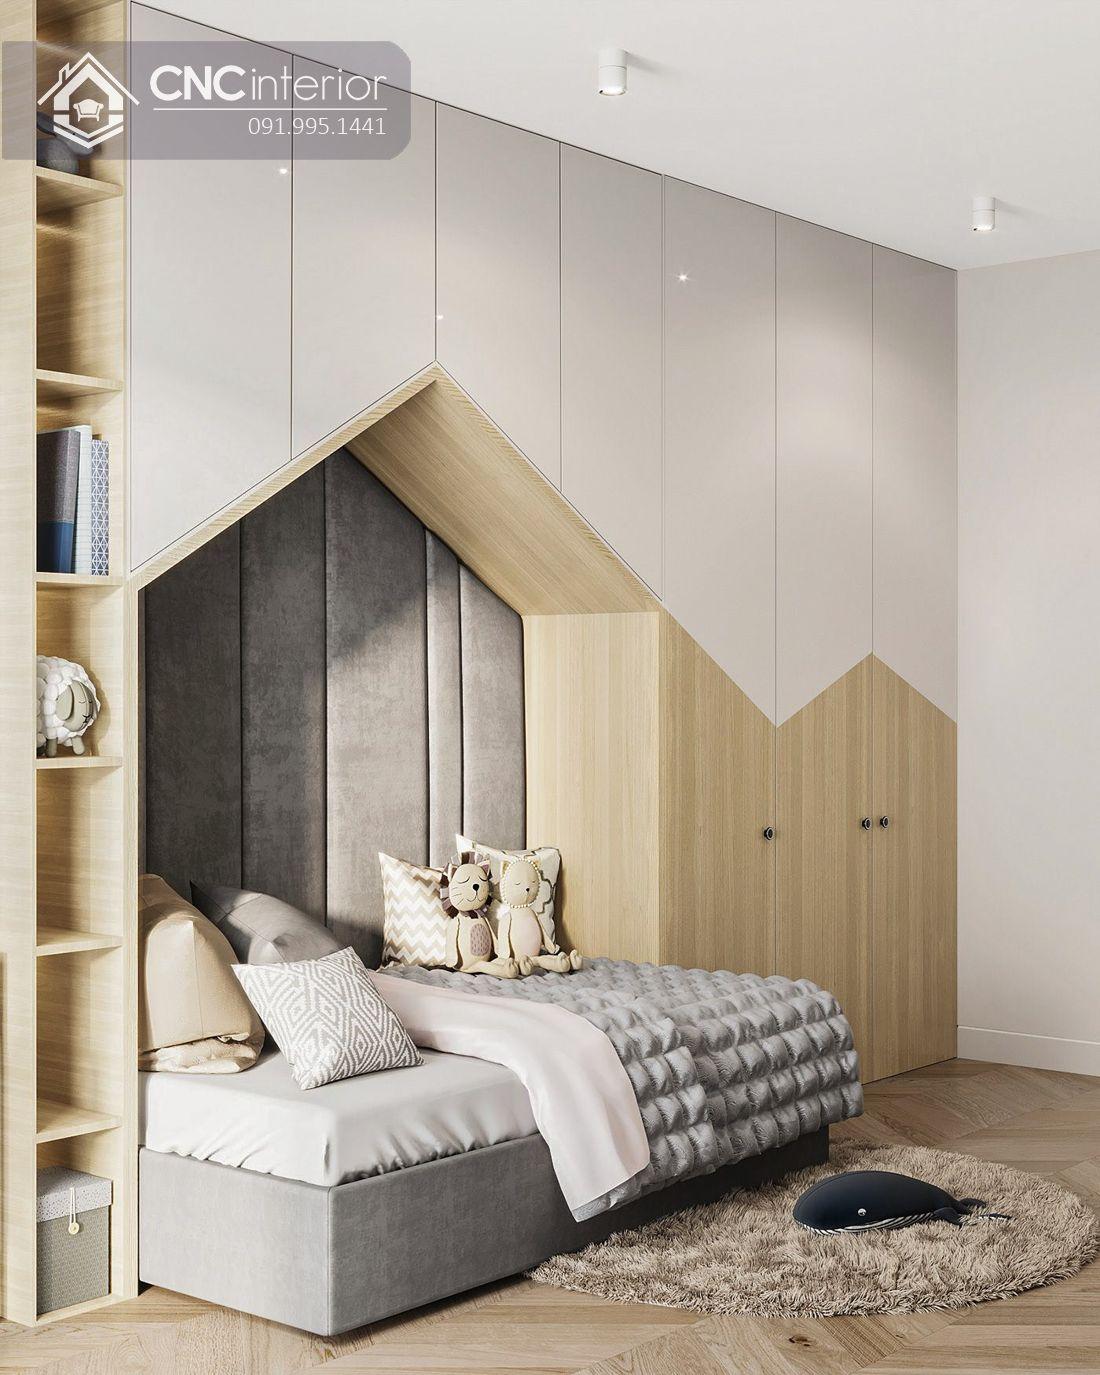 Tủ quần áo liền giường bằng gỗ công nghiệp CNC 18 1